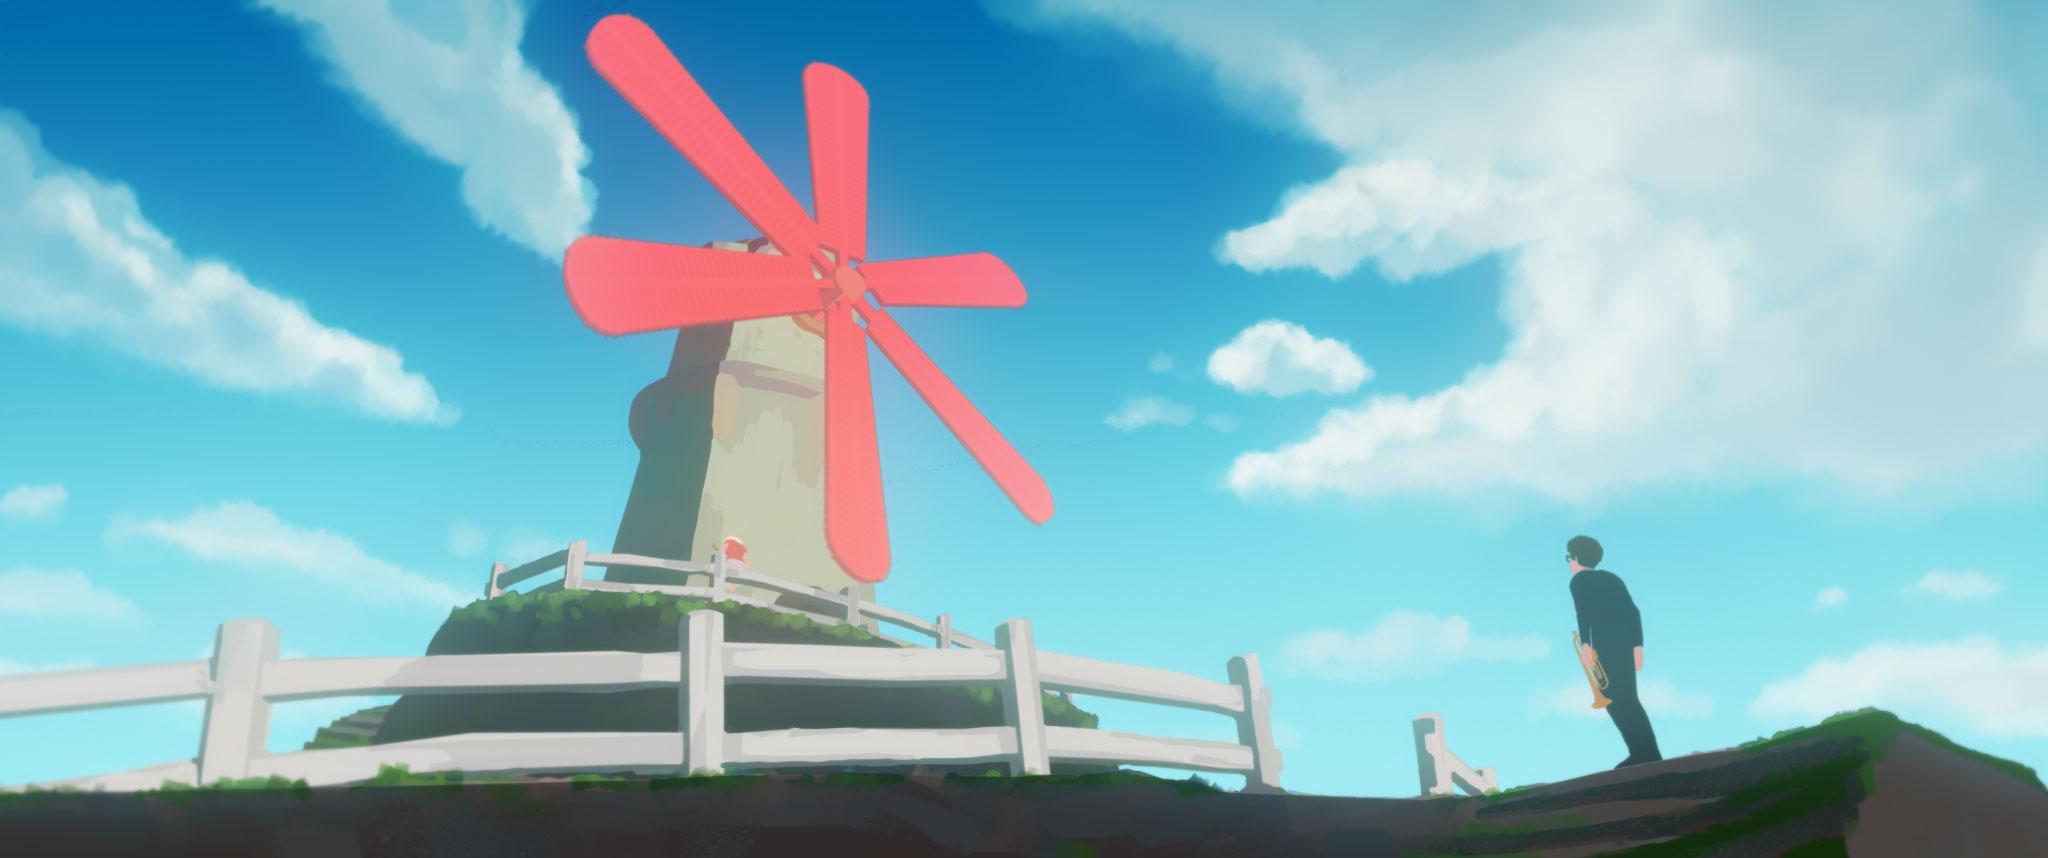 Gints-Zilbalodis-Inaudible-Animation